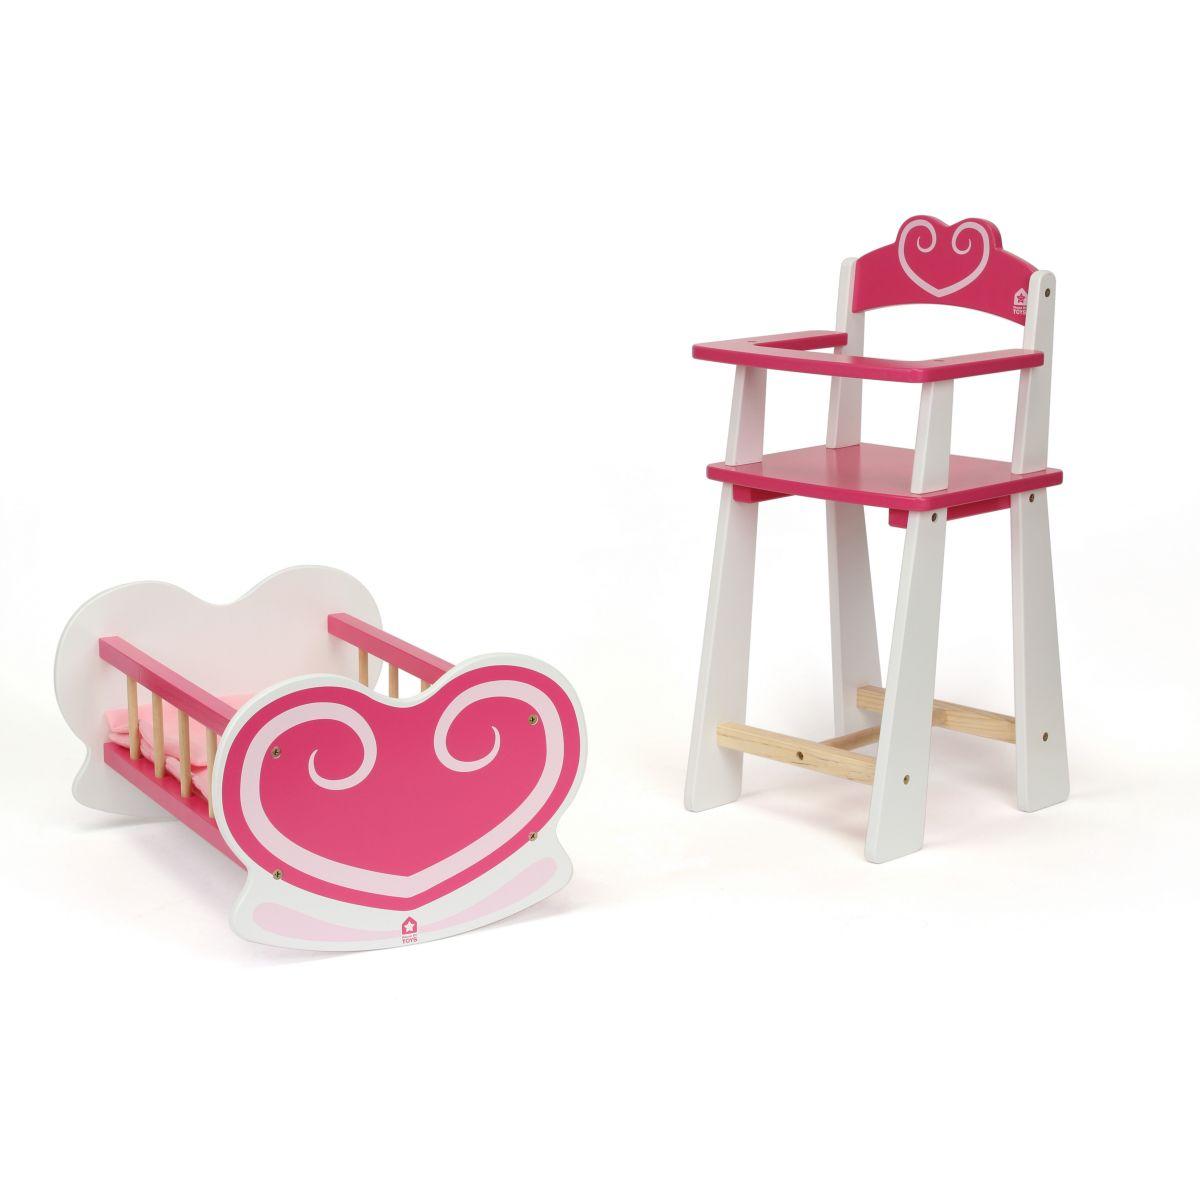 mobilier coeur pour poup e chaise haute et berceau partir de 3 ans sebio. Black Bedroom Furniture Sets. Home Design Ideas